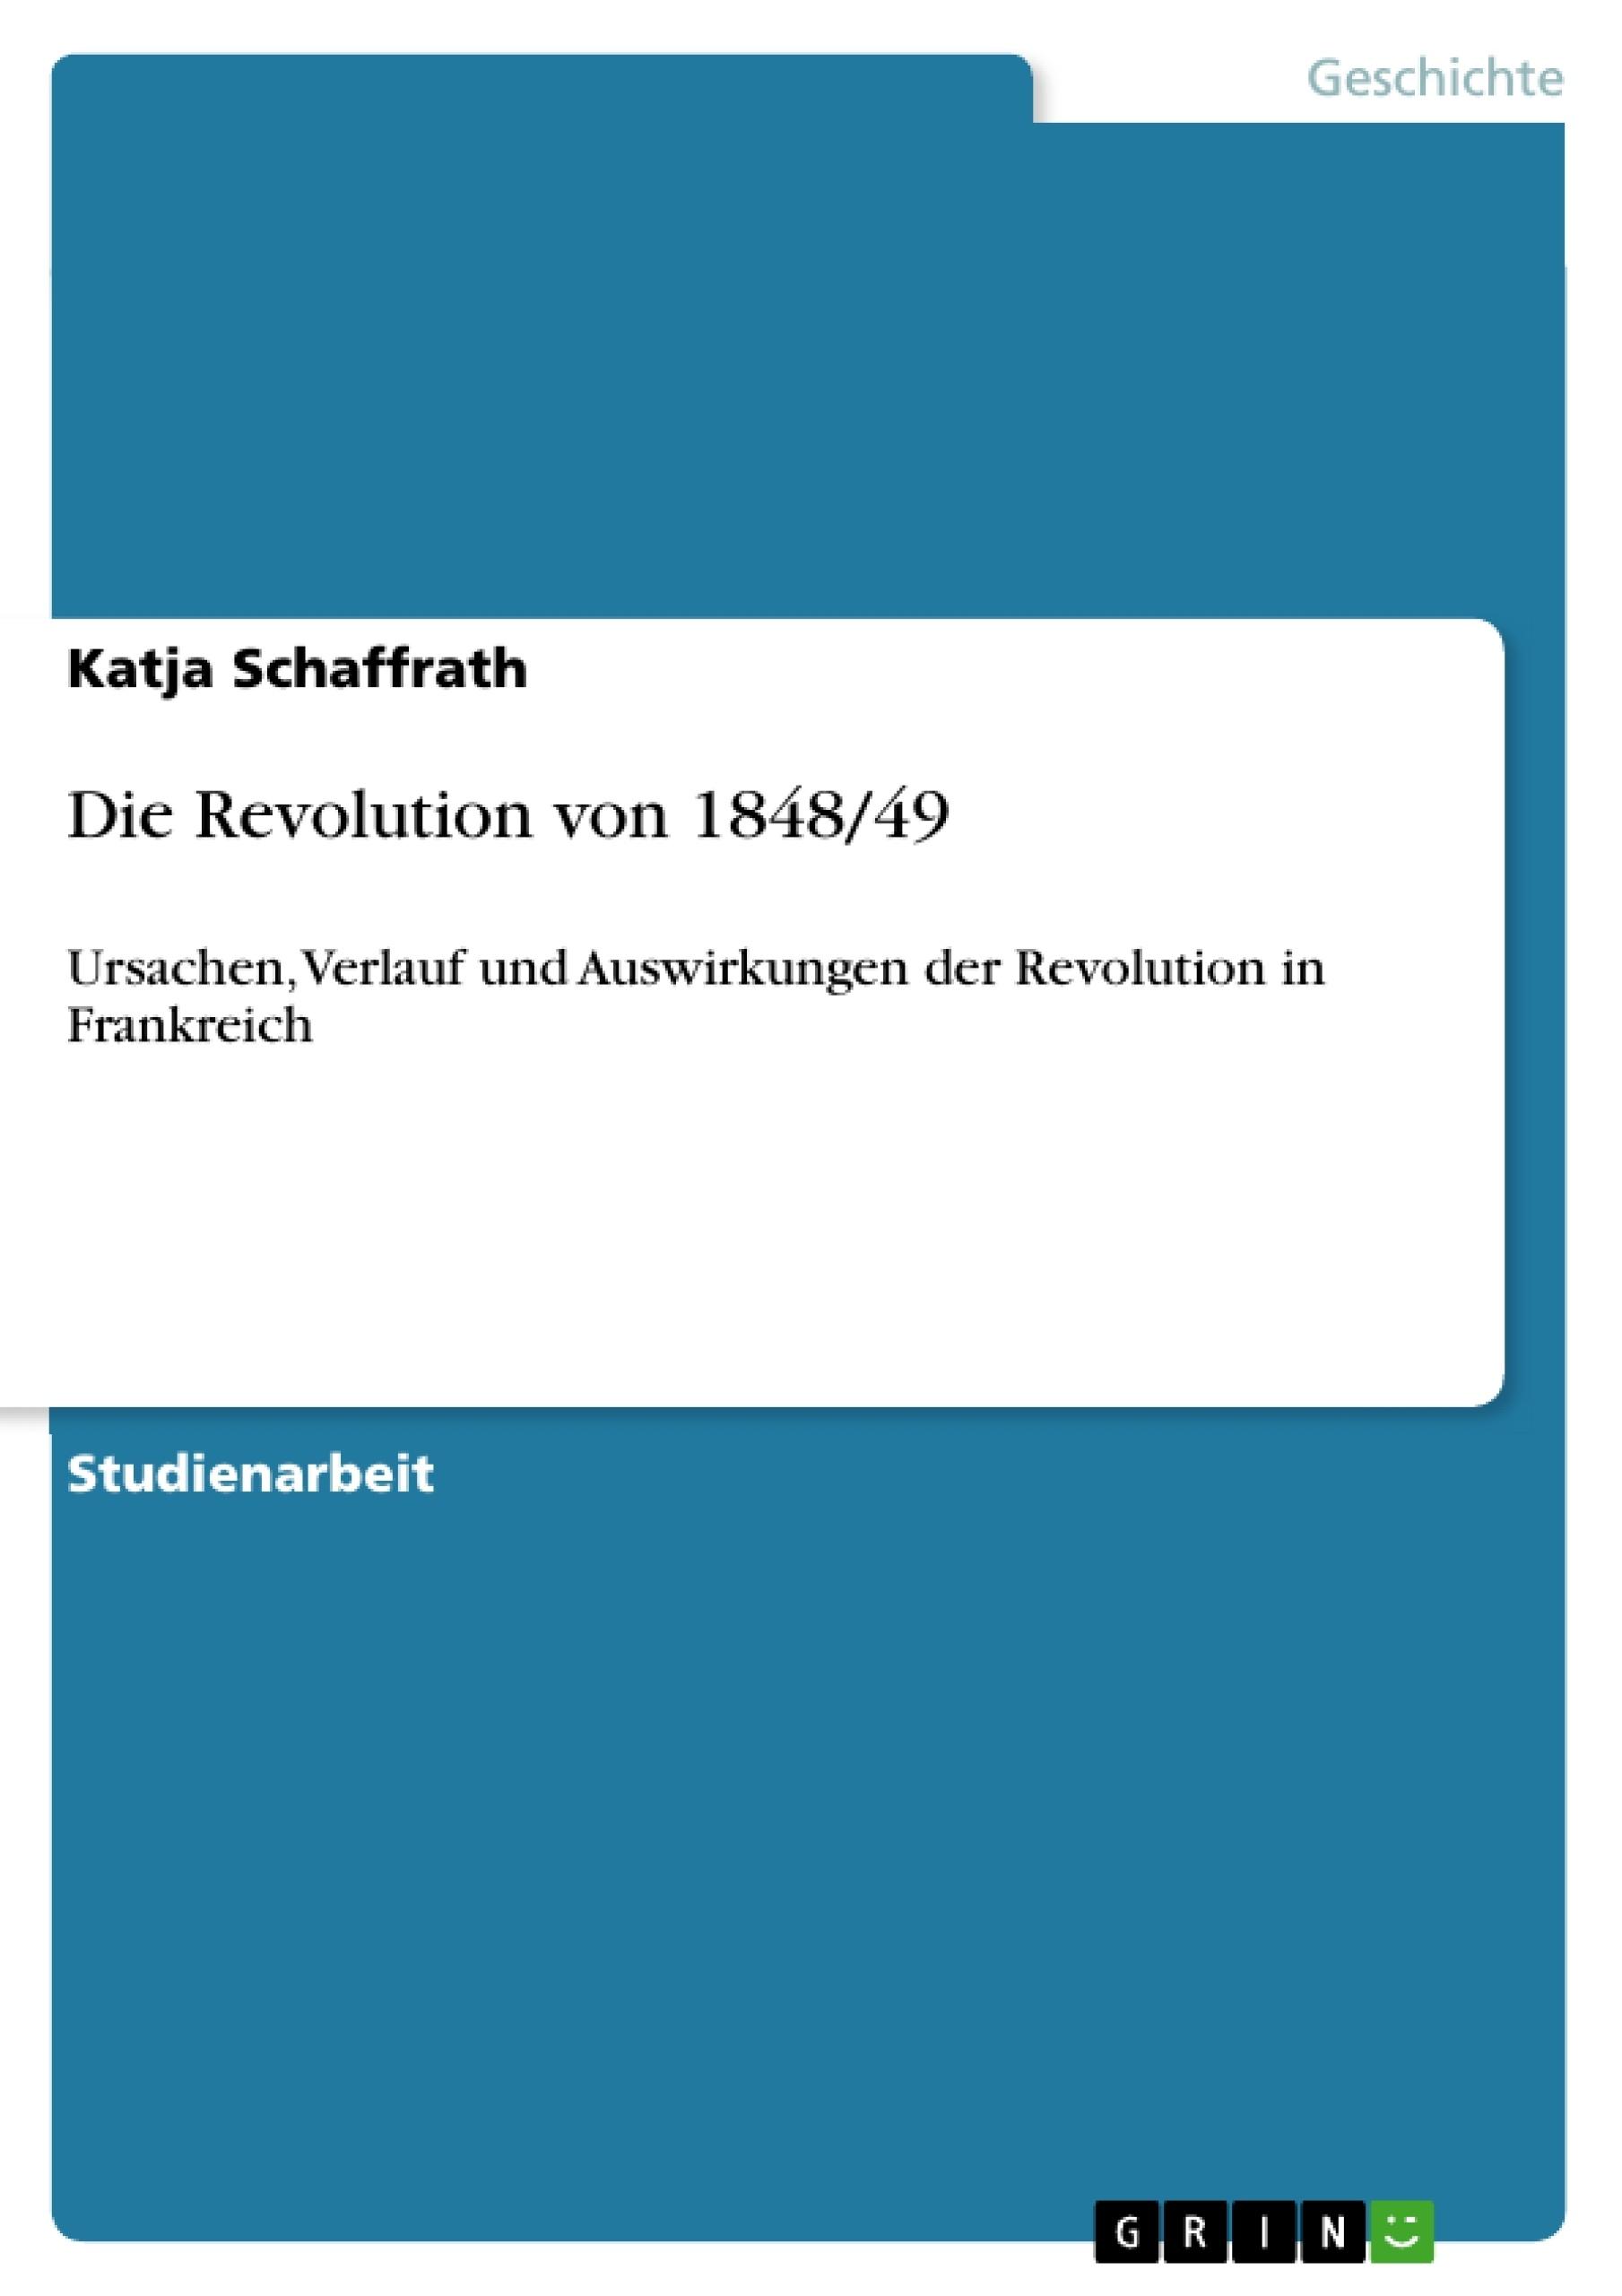 Titel: Die Revolution von 1848/49